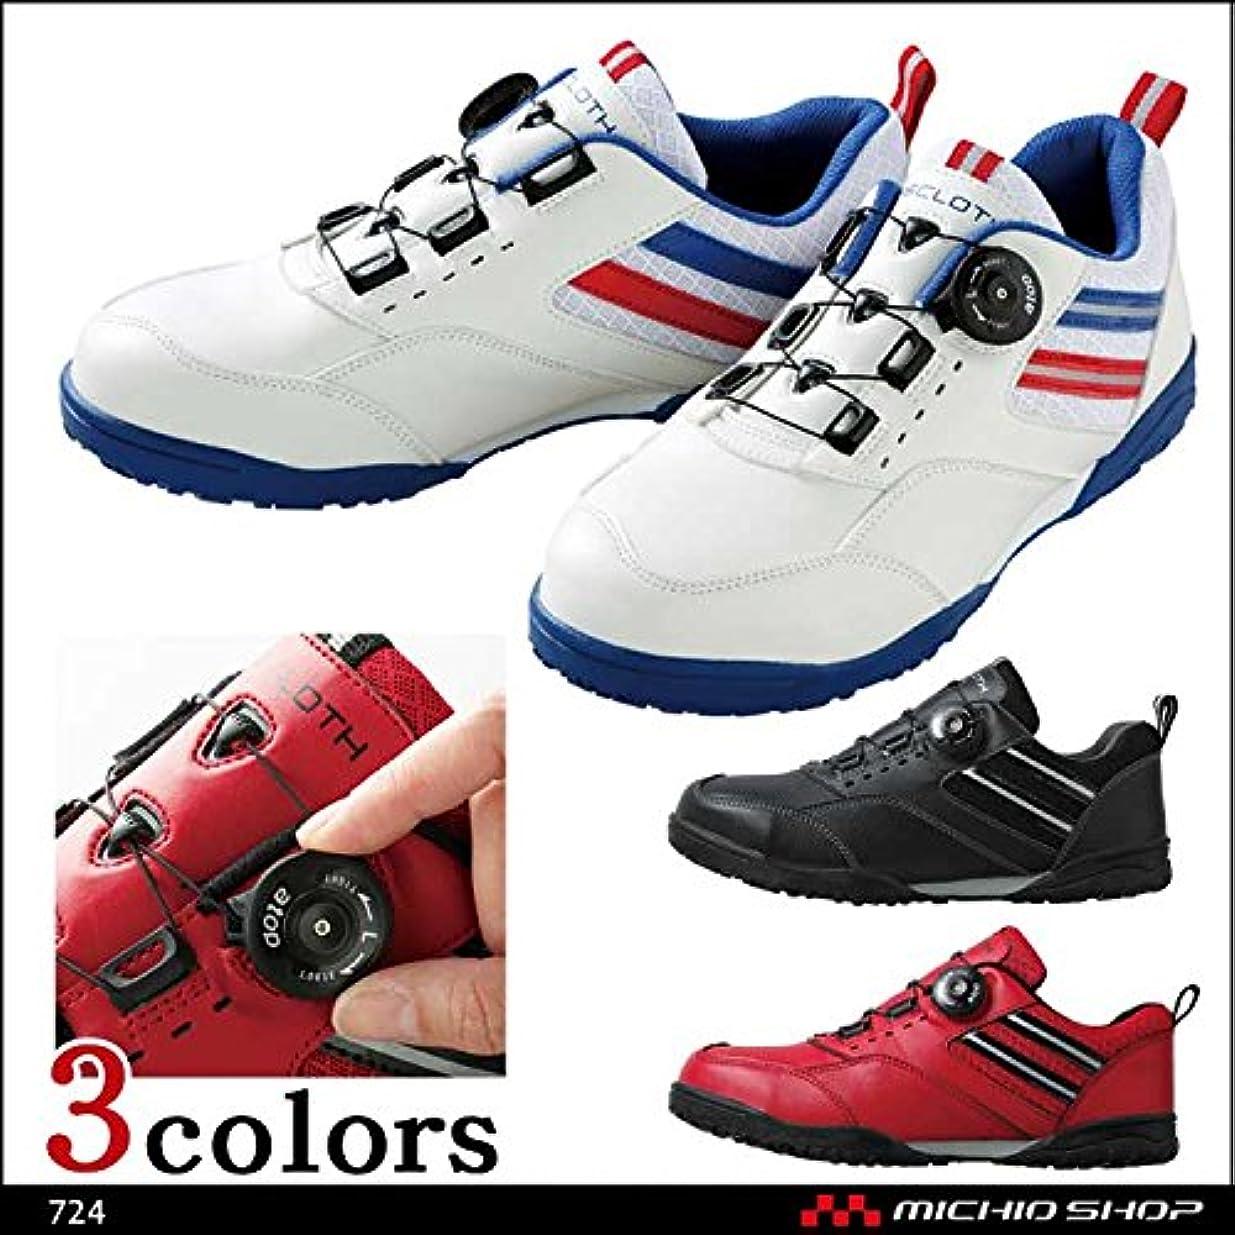 ツイン彫刻ネストクロダルマ 安全靴 ダイヤル式セーフティシューズ 724Color:49ブラック 28.0